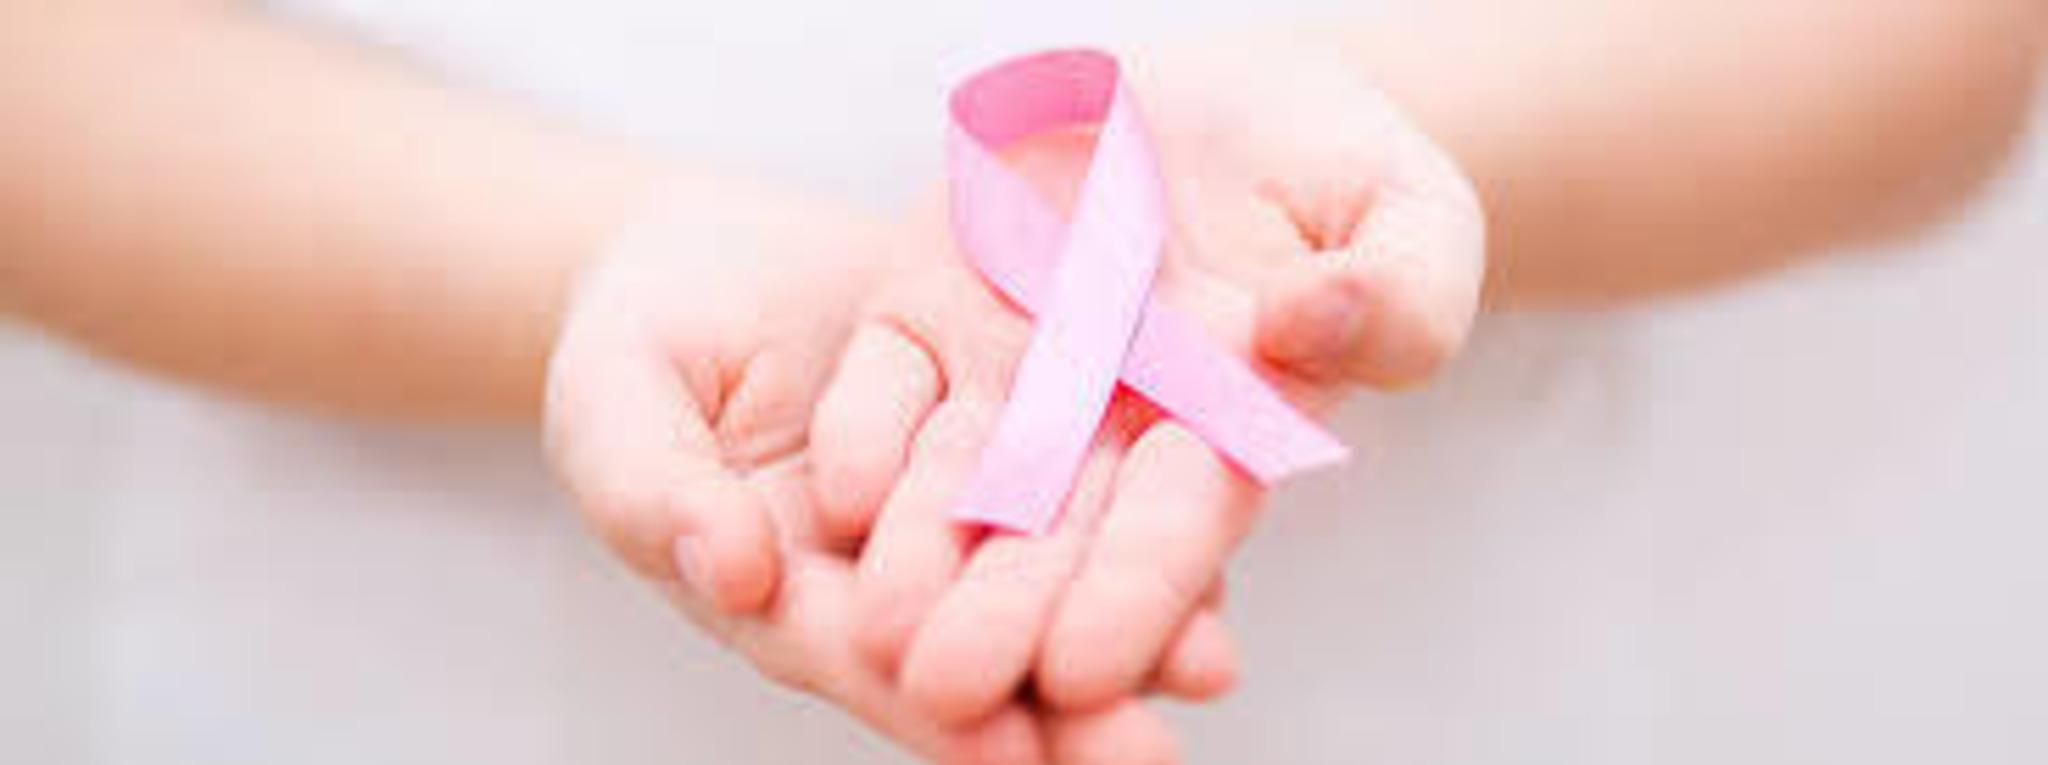 15 Februar Internationaler Tag Des Krebskranken Kindes Liesing